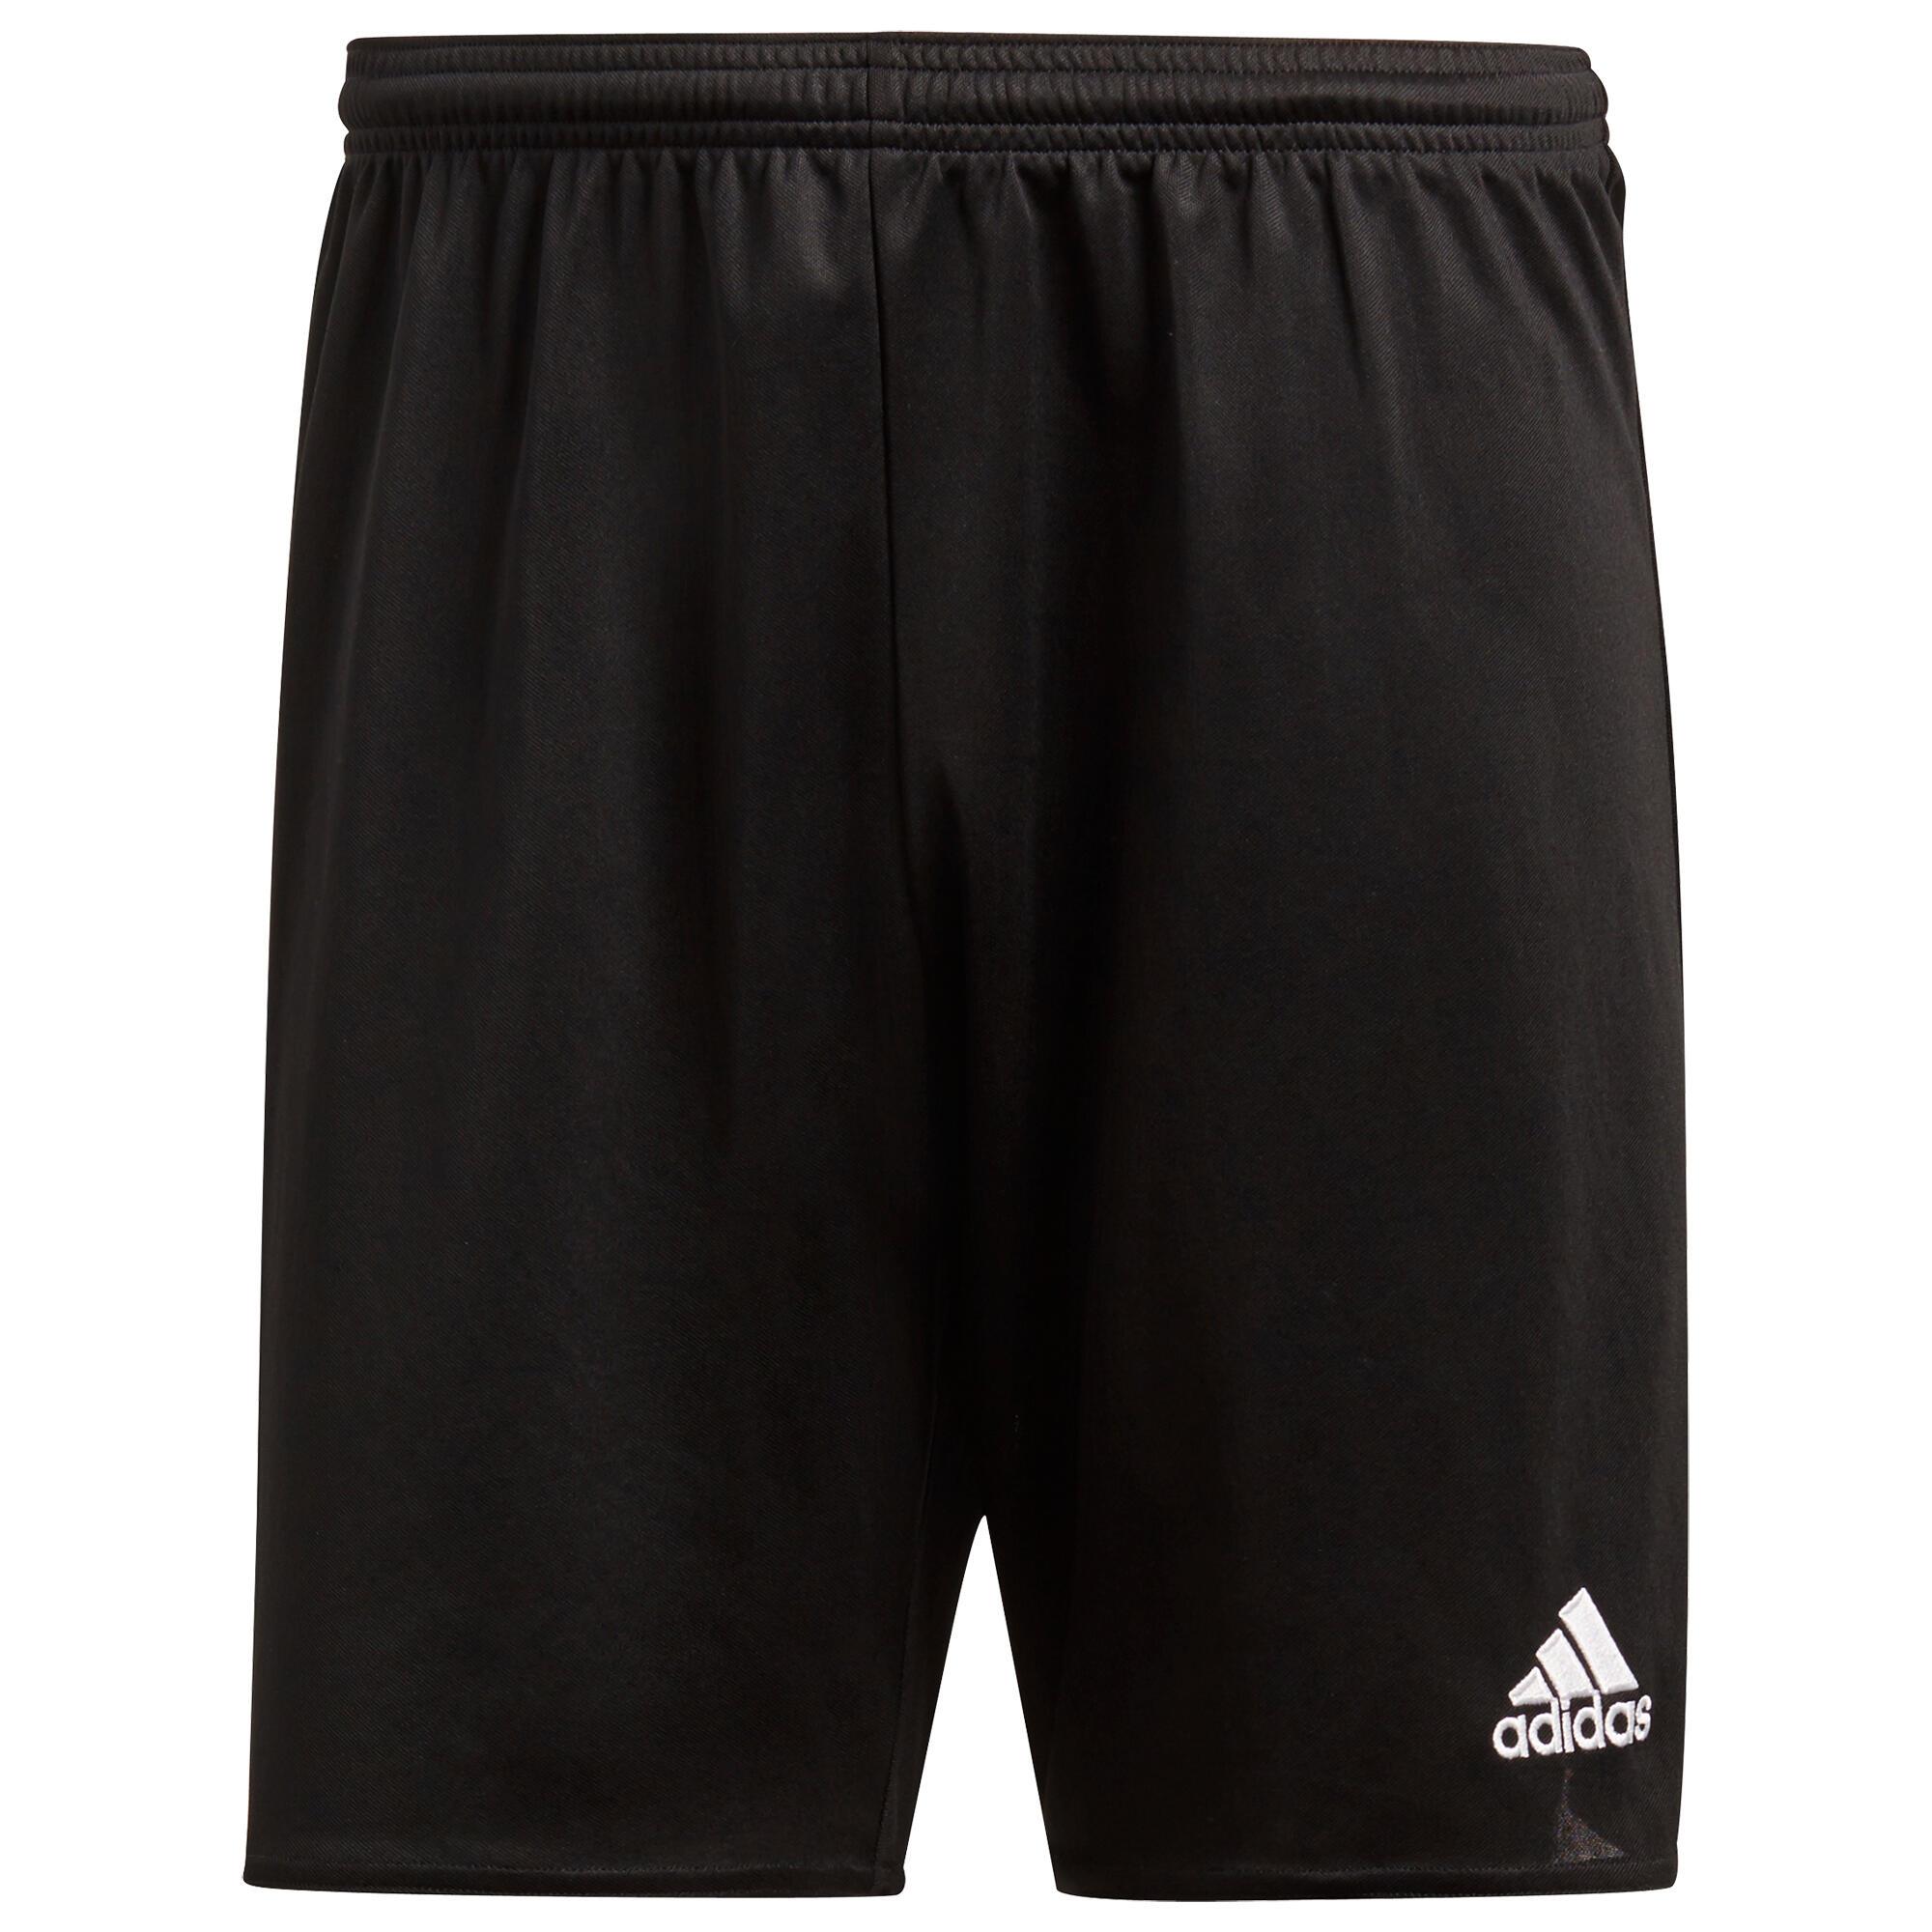 Adidas Voetbalbroekje Parma volwassenen zwart